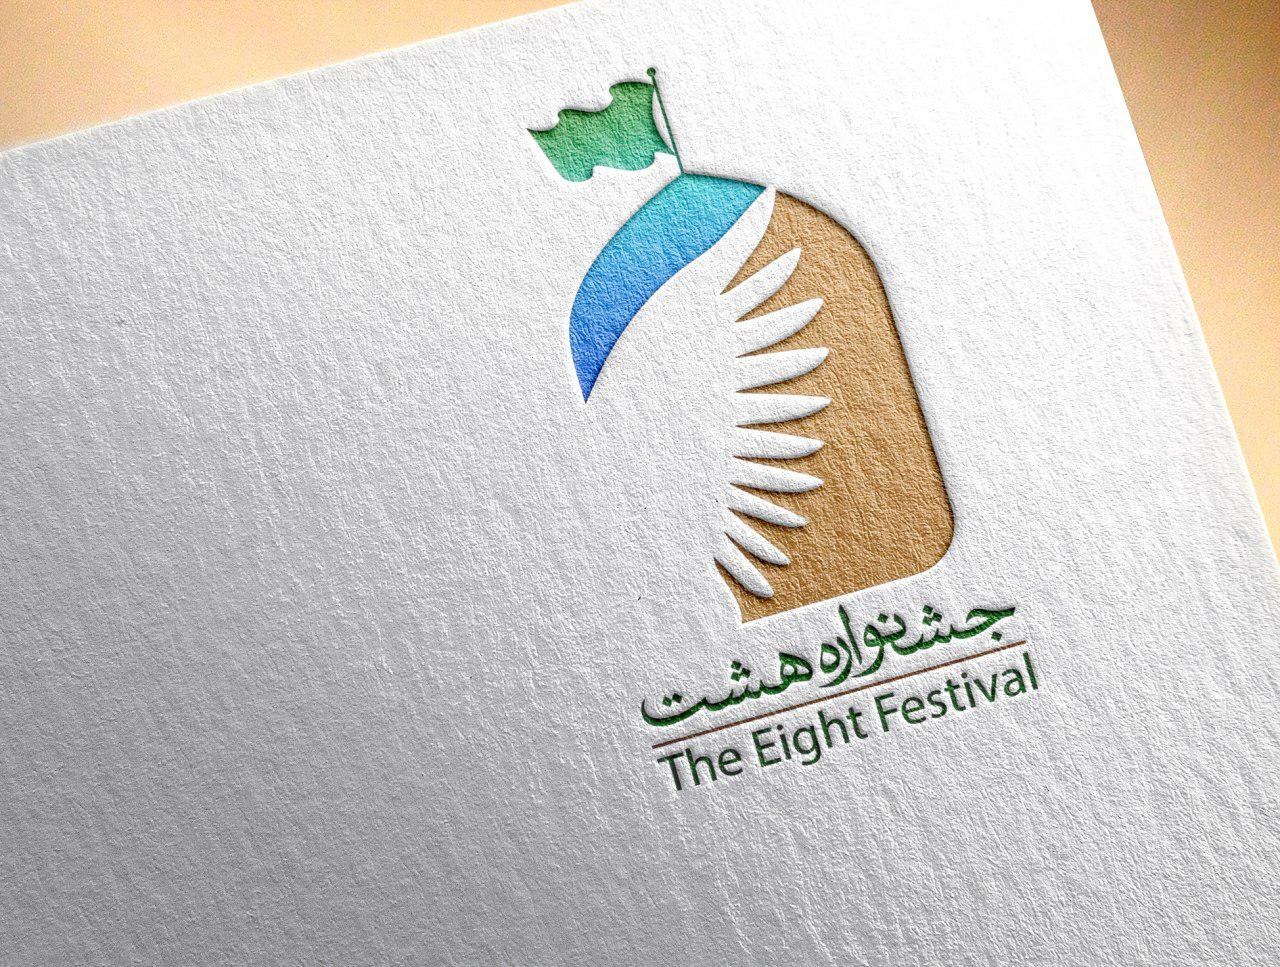 گزارش جشنواره عکس هشت